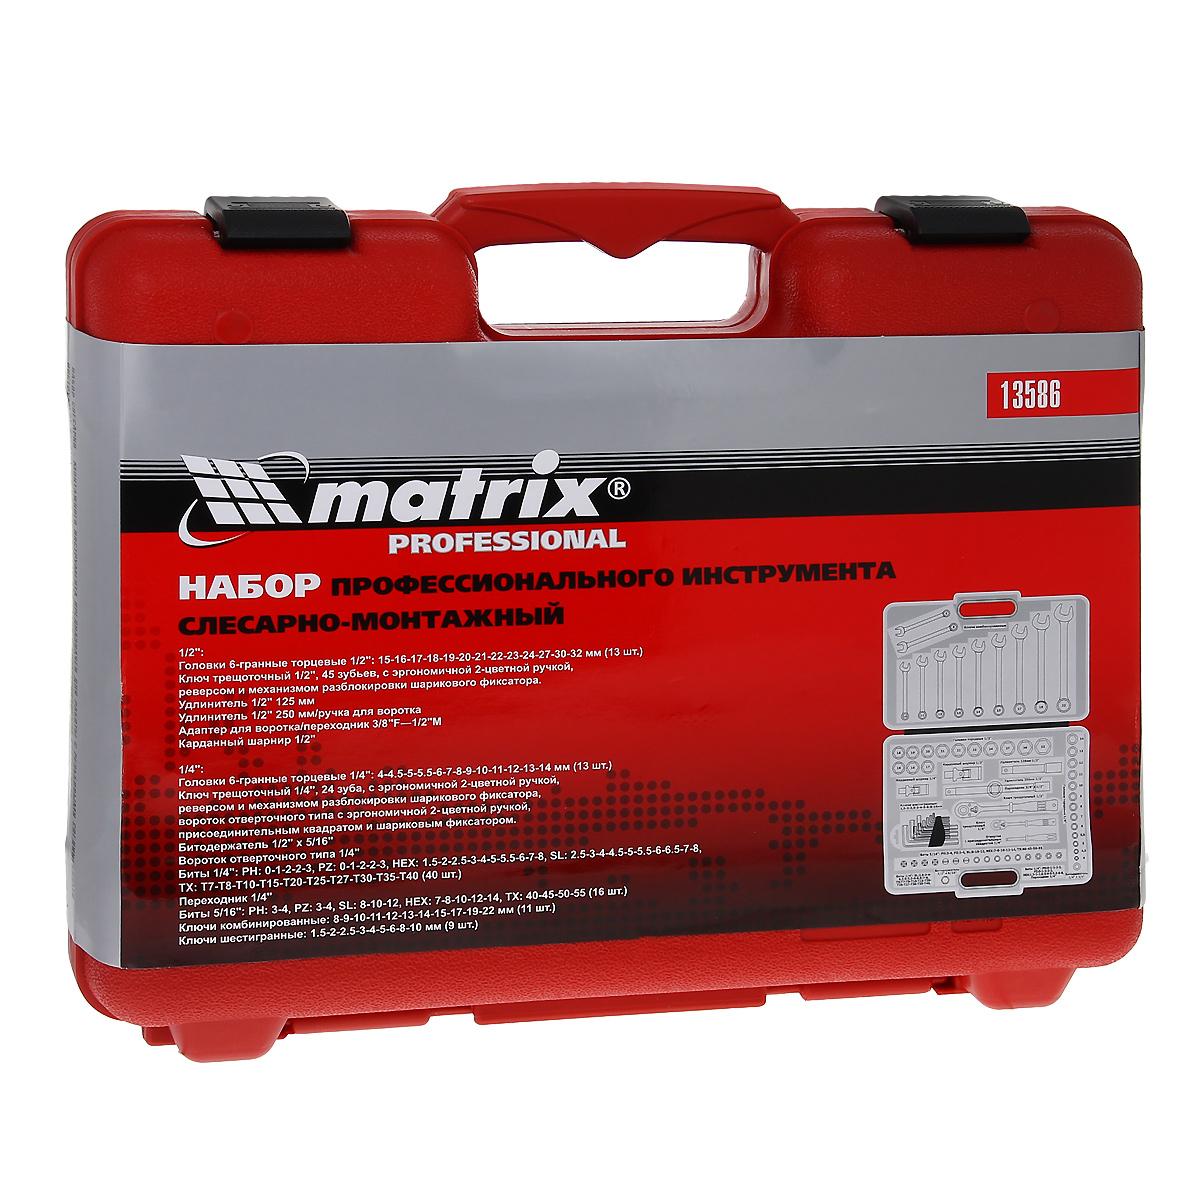 Набор слесарно-монтажный Matrix, 112 предметов13586Слесарно-монтажный набор Matrix предназначен для монтажа и демонтажа резьбовых соединений. Инструменты выполнены из хромованадиевой стали с хромированным покрытием, что обеспечивает высокое качество и долговечность. Состав набора: 1/2: Головки шестигранные торцевые: 15 мм, 16 мм, 17 мм, 18 мм, 19 мм, 20 мм, 21 мм, 22 мм, 23 мм, 24 мм, 27 мм, 30 мм, 32 мм. Ключ трещоточный, 45 зубьев, с эргономичной двухцветной ручкой, реверсом и механизмом разблокировки шарикового фиксатора. Удлинитель 125 мм. Удлинитель 250 мм/ручка для воротка. Адаптер для воротка/переходник 3/8F-1/2M. Карданный шарнир. 1/4: Головки шестигранные торцевые: 4 мм, 4,5 мм, 5 мм, 5,5 мм, 6 мм, 7 мм, 8 мм, 9 мм, 10 мм, 11 мм, 12 мм, 13 мм, 14 мм. Ключ трещоточный, 24 зуба, с эргономичной двухцветной ручкой, реверсом и механизмом разблокировки шарикового фиксатора. Вороток отверточного типа с эргономичной двухцветной ручкой, присоединительным квадратом и шариковым фиксатором. Битодержатель 1/2 х 5/16. Вороток отверточного типа. Биты: PH0, PH1, PH2 x 2, PH3, PZ0, PZ1, PZ2 x 2, PZ3, Hex1,5, Hex2, Hex2,5, Hex3, Hex4, Hex5, Hex5,5, Hex6, Hex7, Hex8, SL2,5, SL3, SL4, SL4,5, SL5, SL5,5 SL6, SL6,5, SL7, SL8, T7, T8, T10, T15, T20, T25, T27, T30, T35, T40. Переходник. Биты 5/16: PH3, PH4, PZ3, PZ4, SL8, SL10, SL12, Hex7, Hex8, Hex10, Hex12, Hex14, T40, T45, T50, T55. Ключи комбинированные: 8 мм, 9 мм, 10 мм, 11 мм, 12 мм. 13 мм, 14 мм, 15 мм, 17 мм, 19 мм, 22 мм. Ключи шестигранные: 1,5 мм, 2 мм, 2,5 мм, 3 мм, 4 мм, 5 мм, 6 мм, 8 мм, 10 мм.